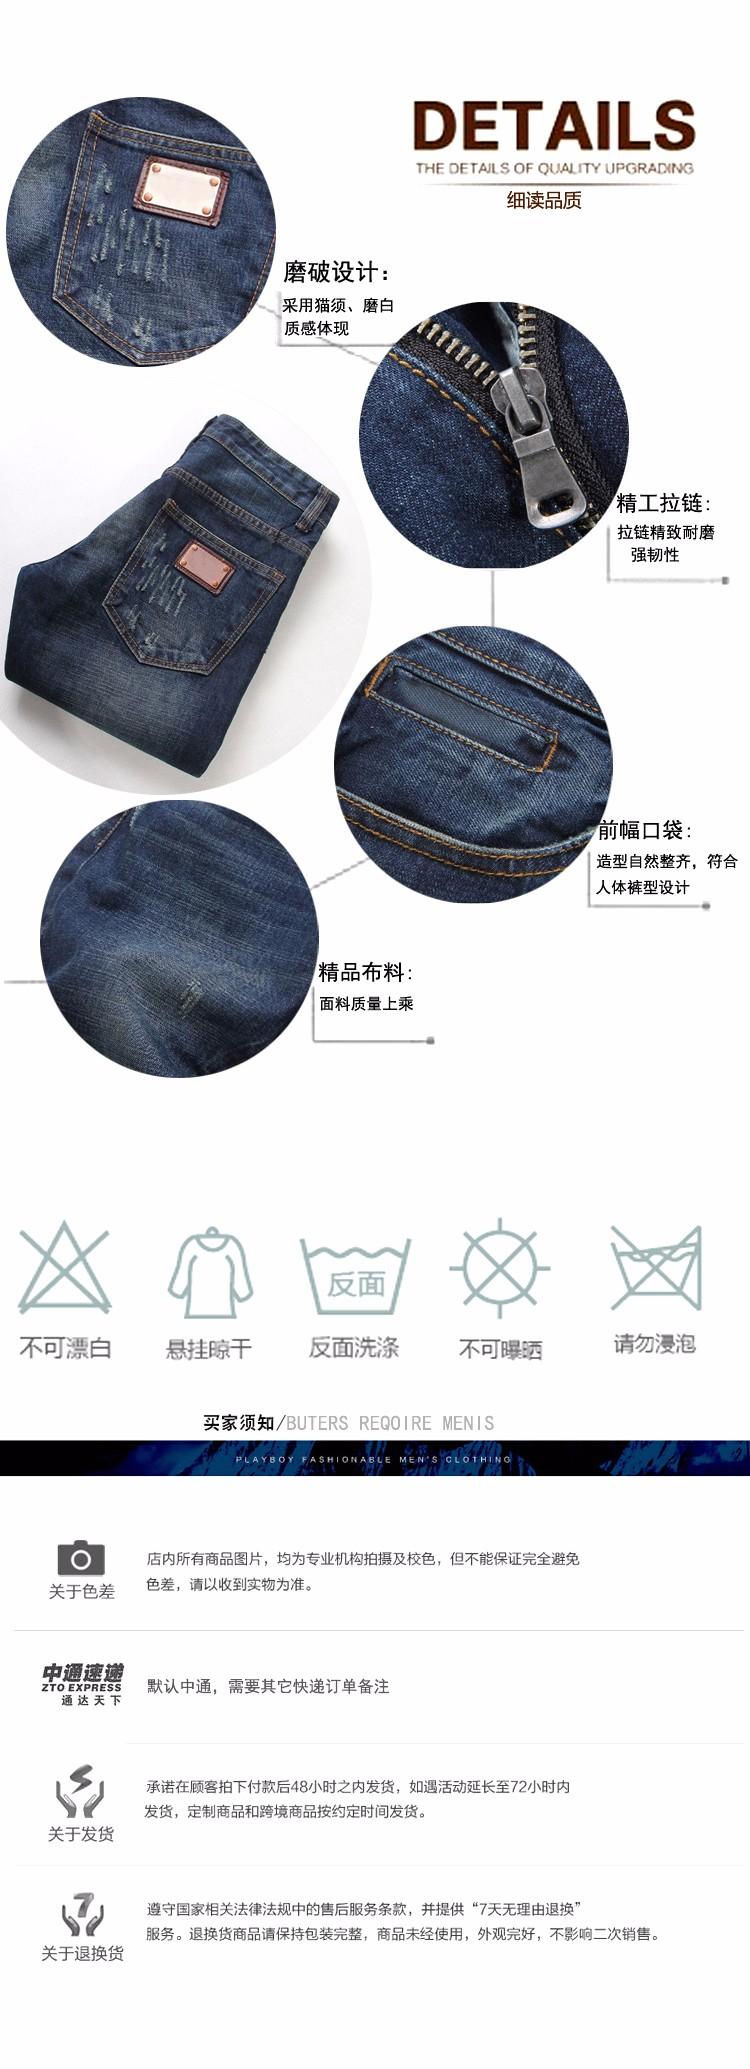 Скидки на Основных цветов джинсы Небольшой прямой джинсы мужские Брюки моды для мужчин мальчик джинсы новые брюки мальчик джинсы дизайнер бренда брюки прямо